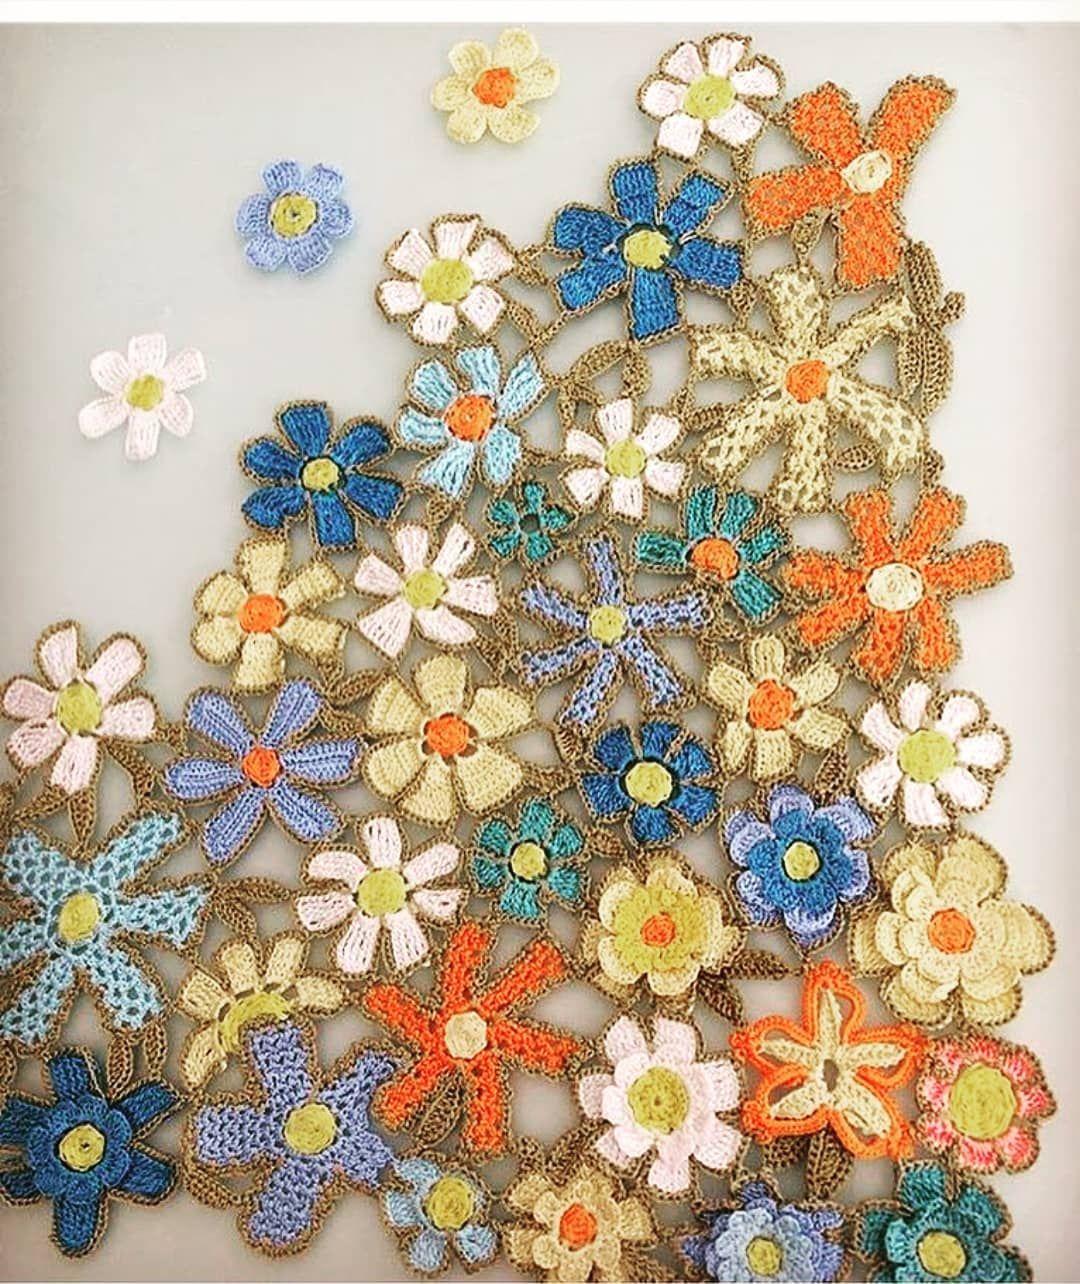 #handmade #elişi#ortu #otantik #perde #balkondekorasyonu #bahçemobilyası #bahçede#dekor #dekorasyon #evdekoru #tığişi #örgü #dantel #tarz…